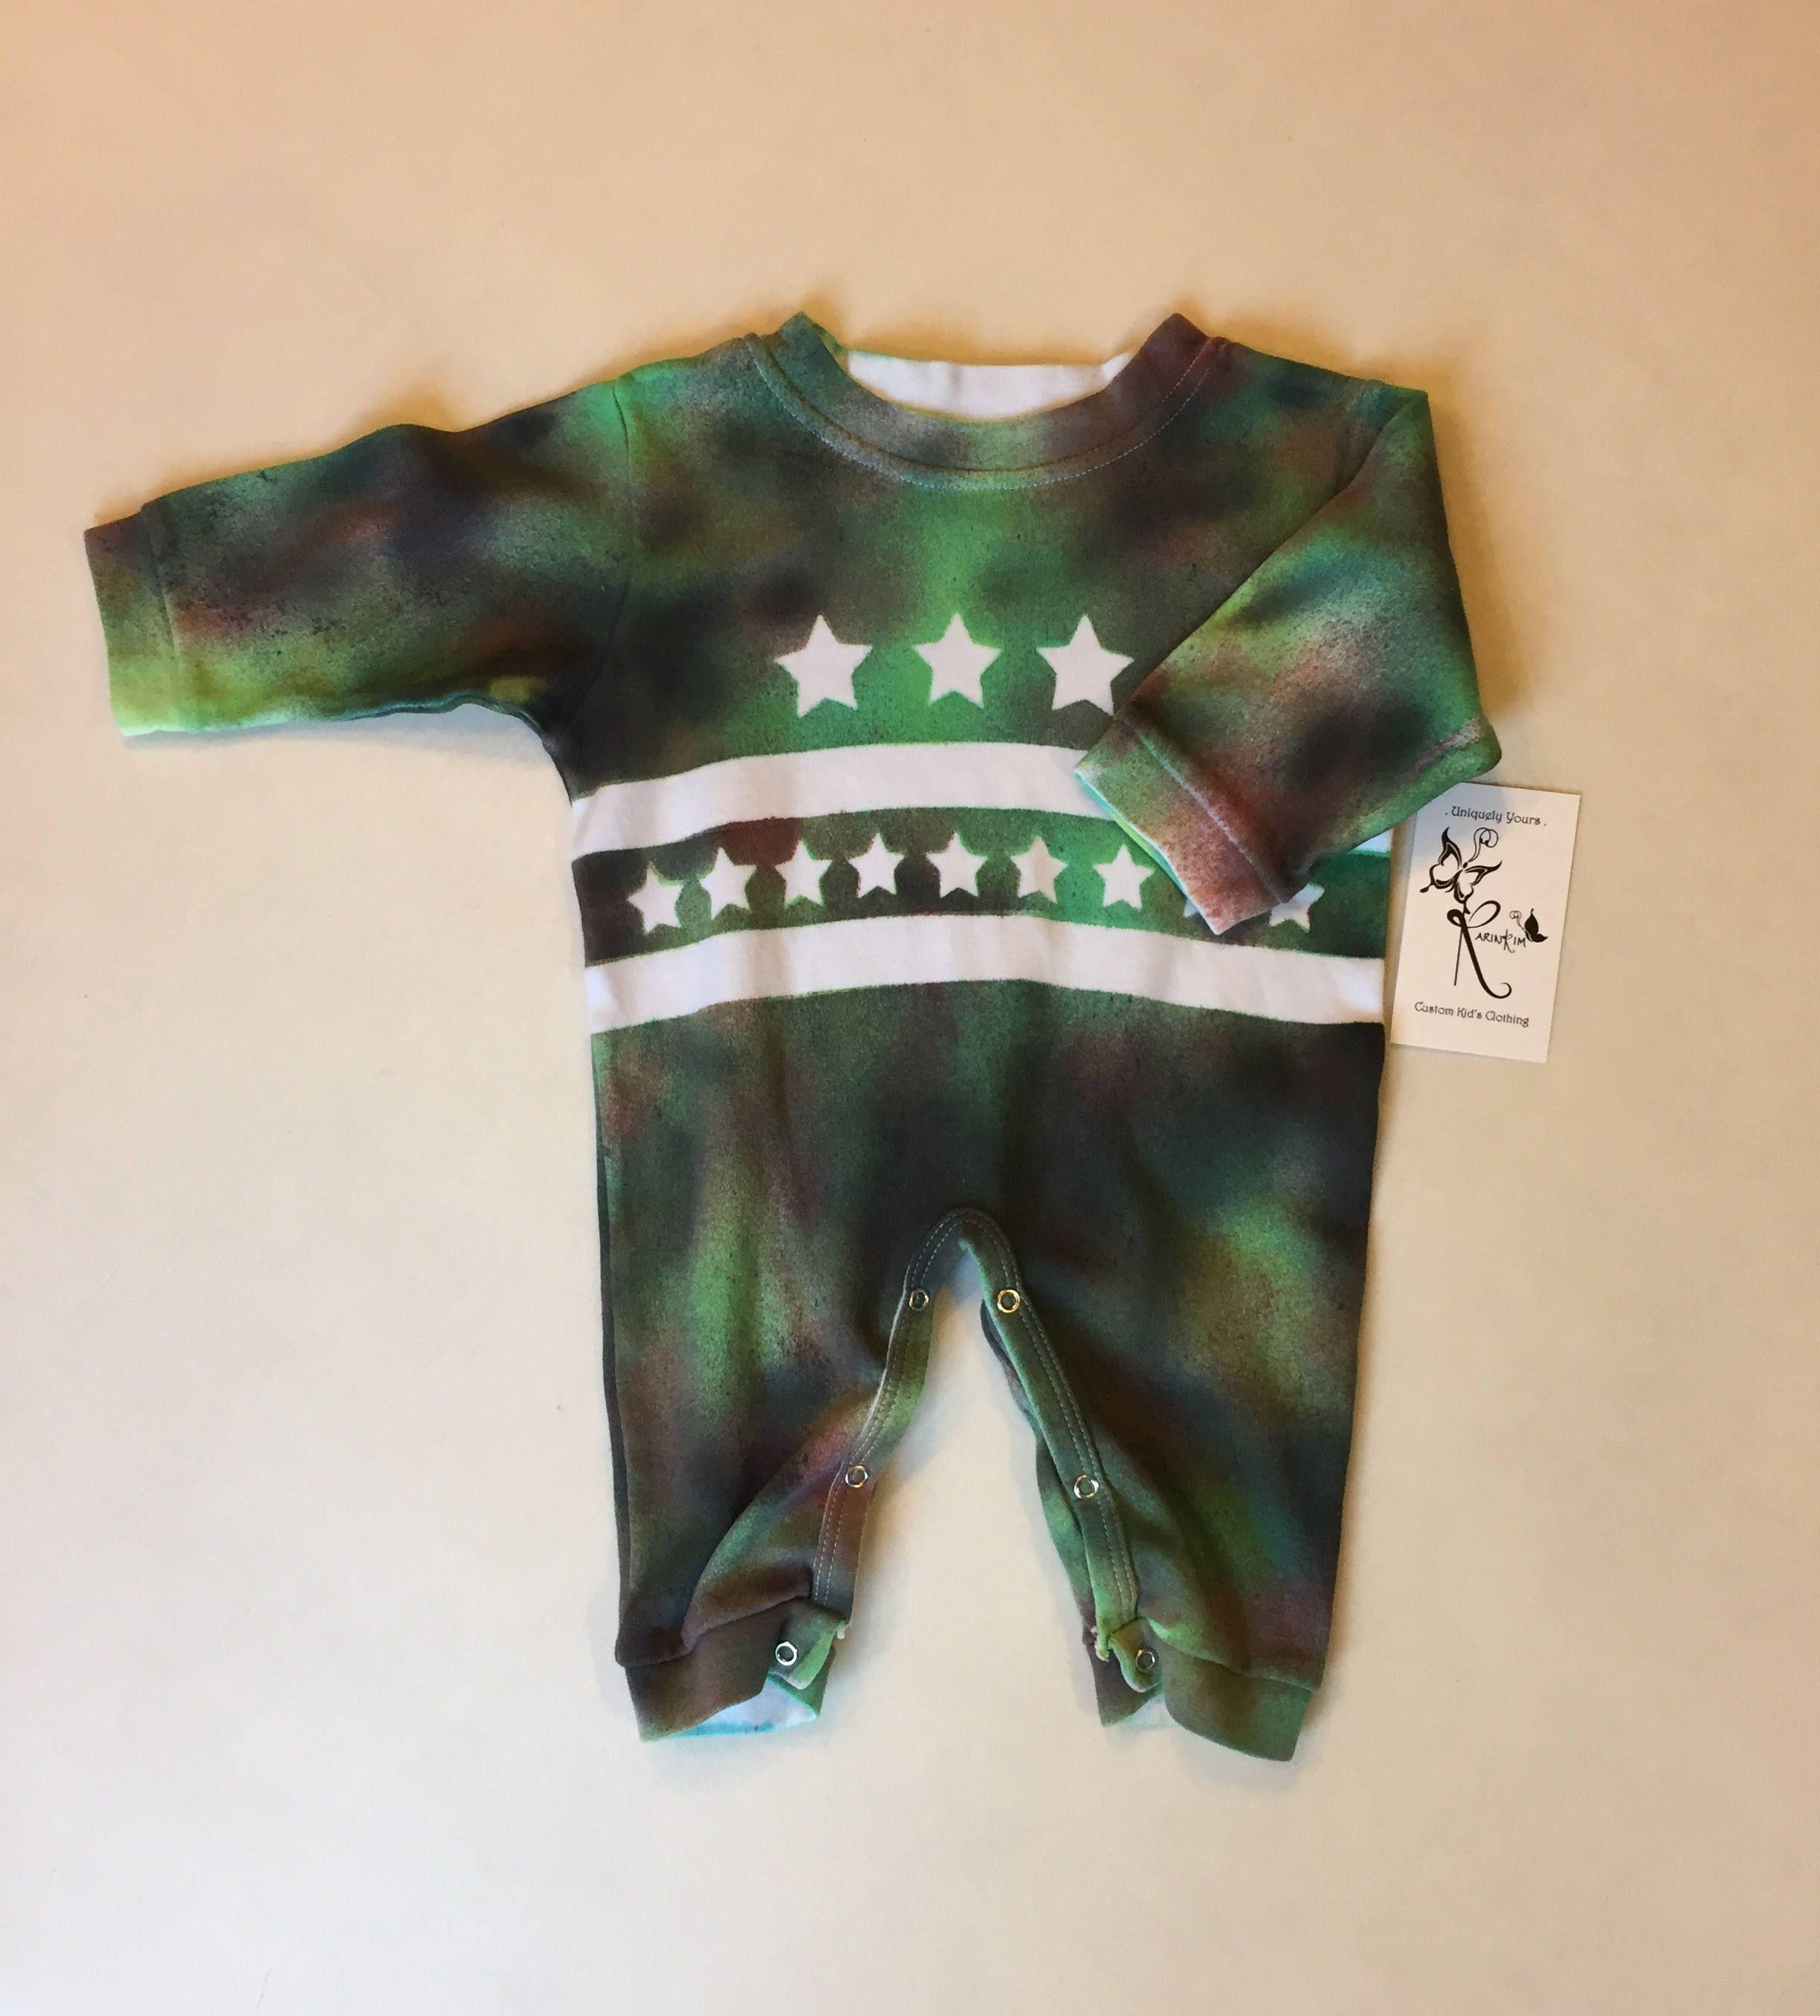 Tie Dye Baby Clothes Camo Baby Boy esie Newborn Boy Clothes